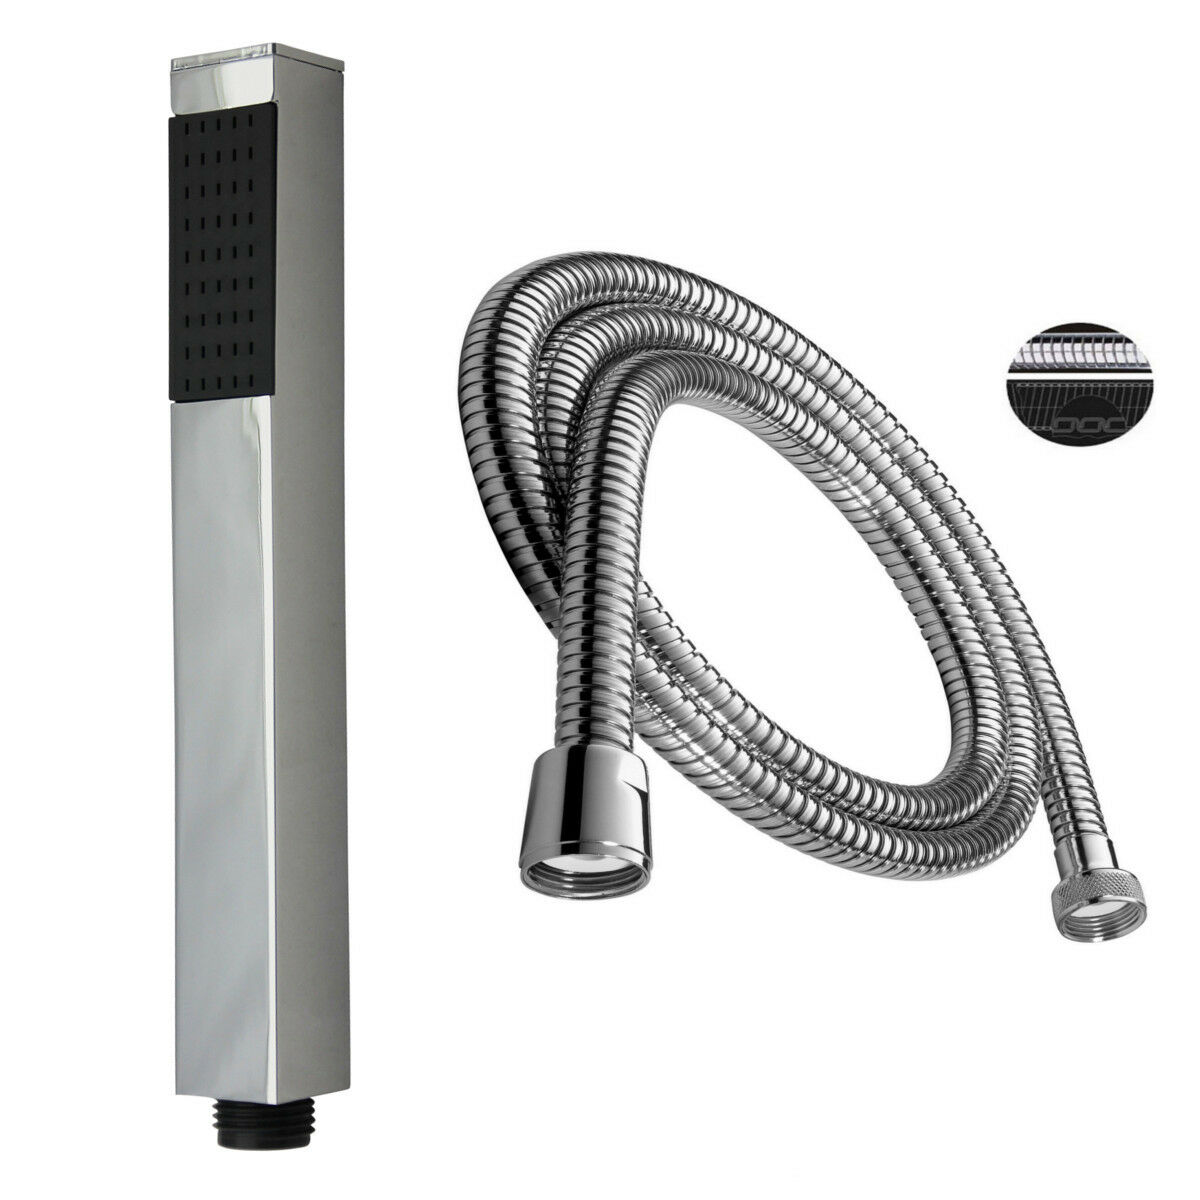 Soffione quadrato Ottone con tubo flessibile Stabrause Quadro Quadro Quadro doccia 2a5166